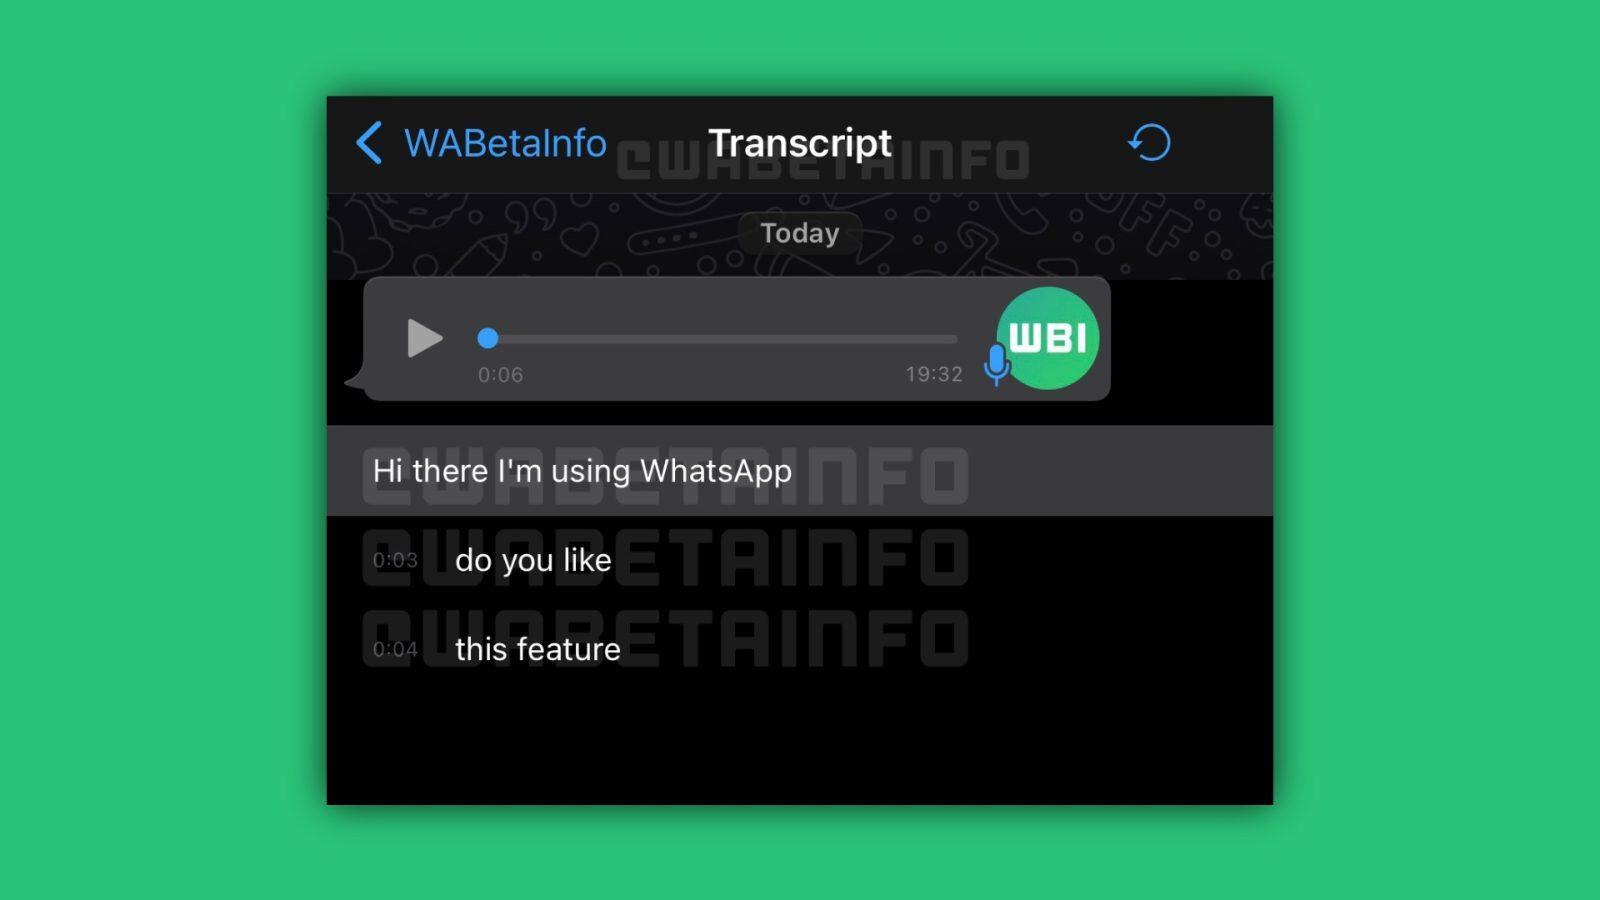 Bu sayede WhatsApp'ta gelen sesli mesajlar yazıya dökülebilecek.